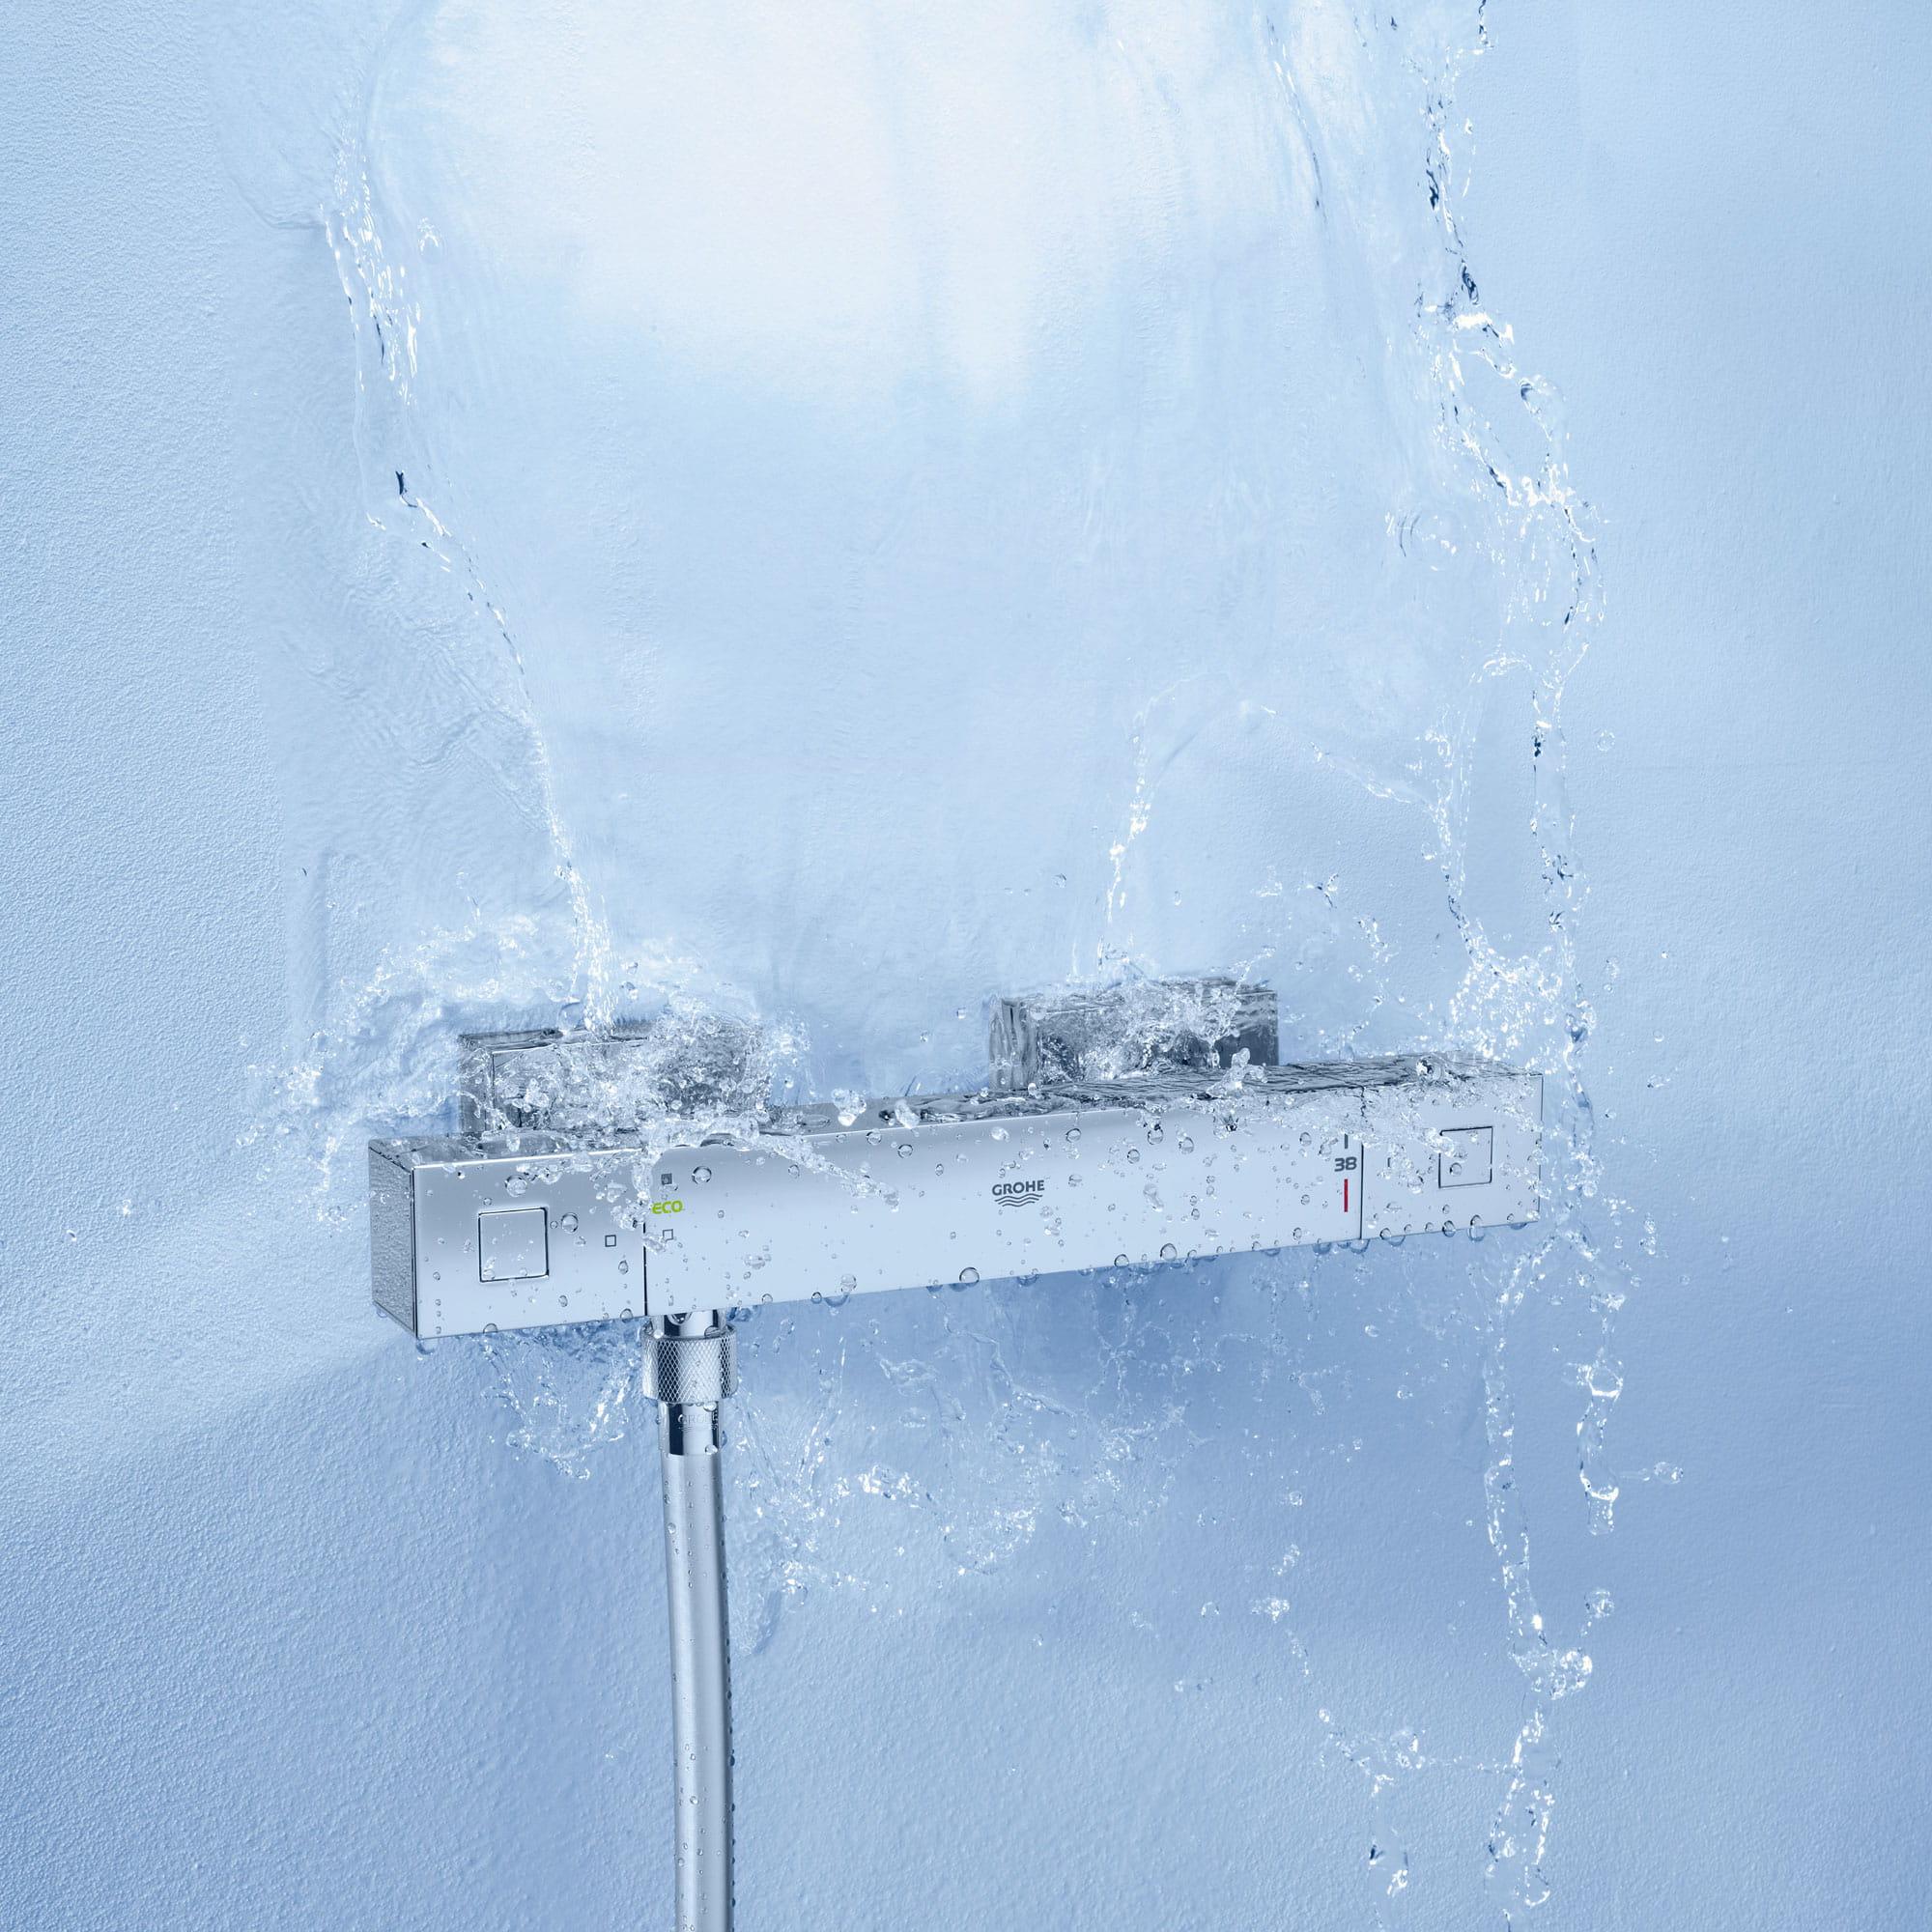 Bouton de douche avec de l'eau qui coule.